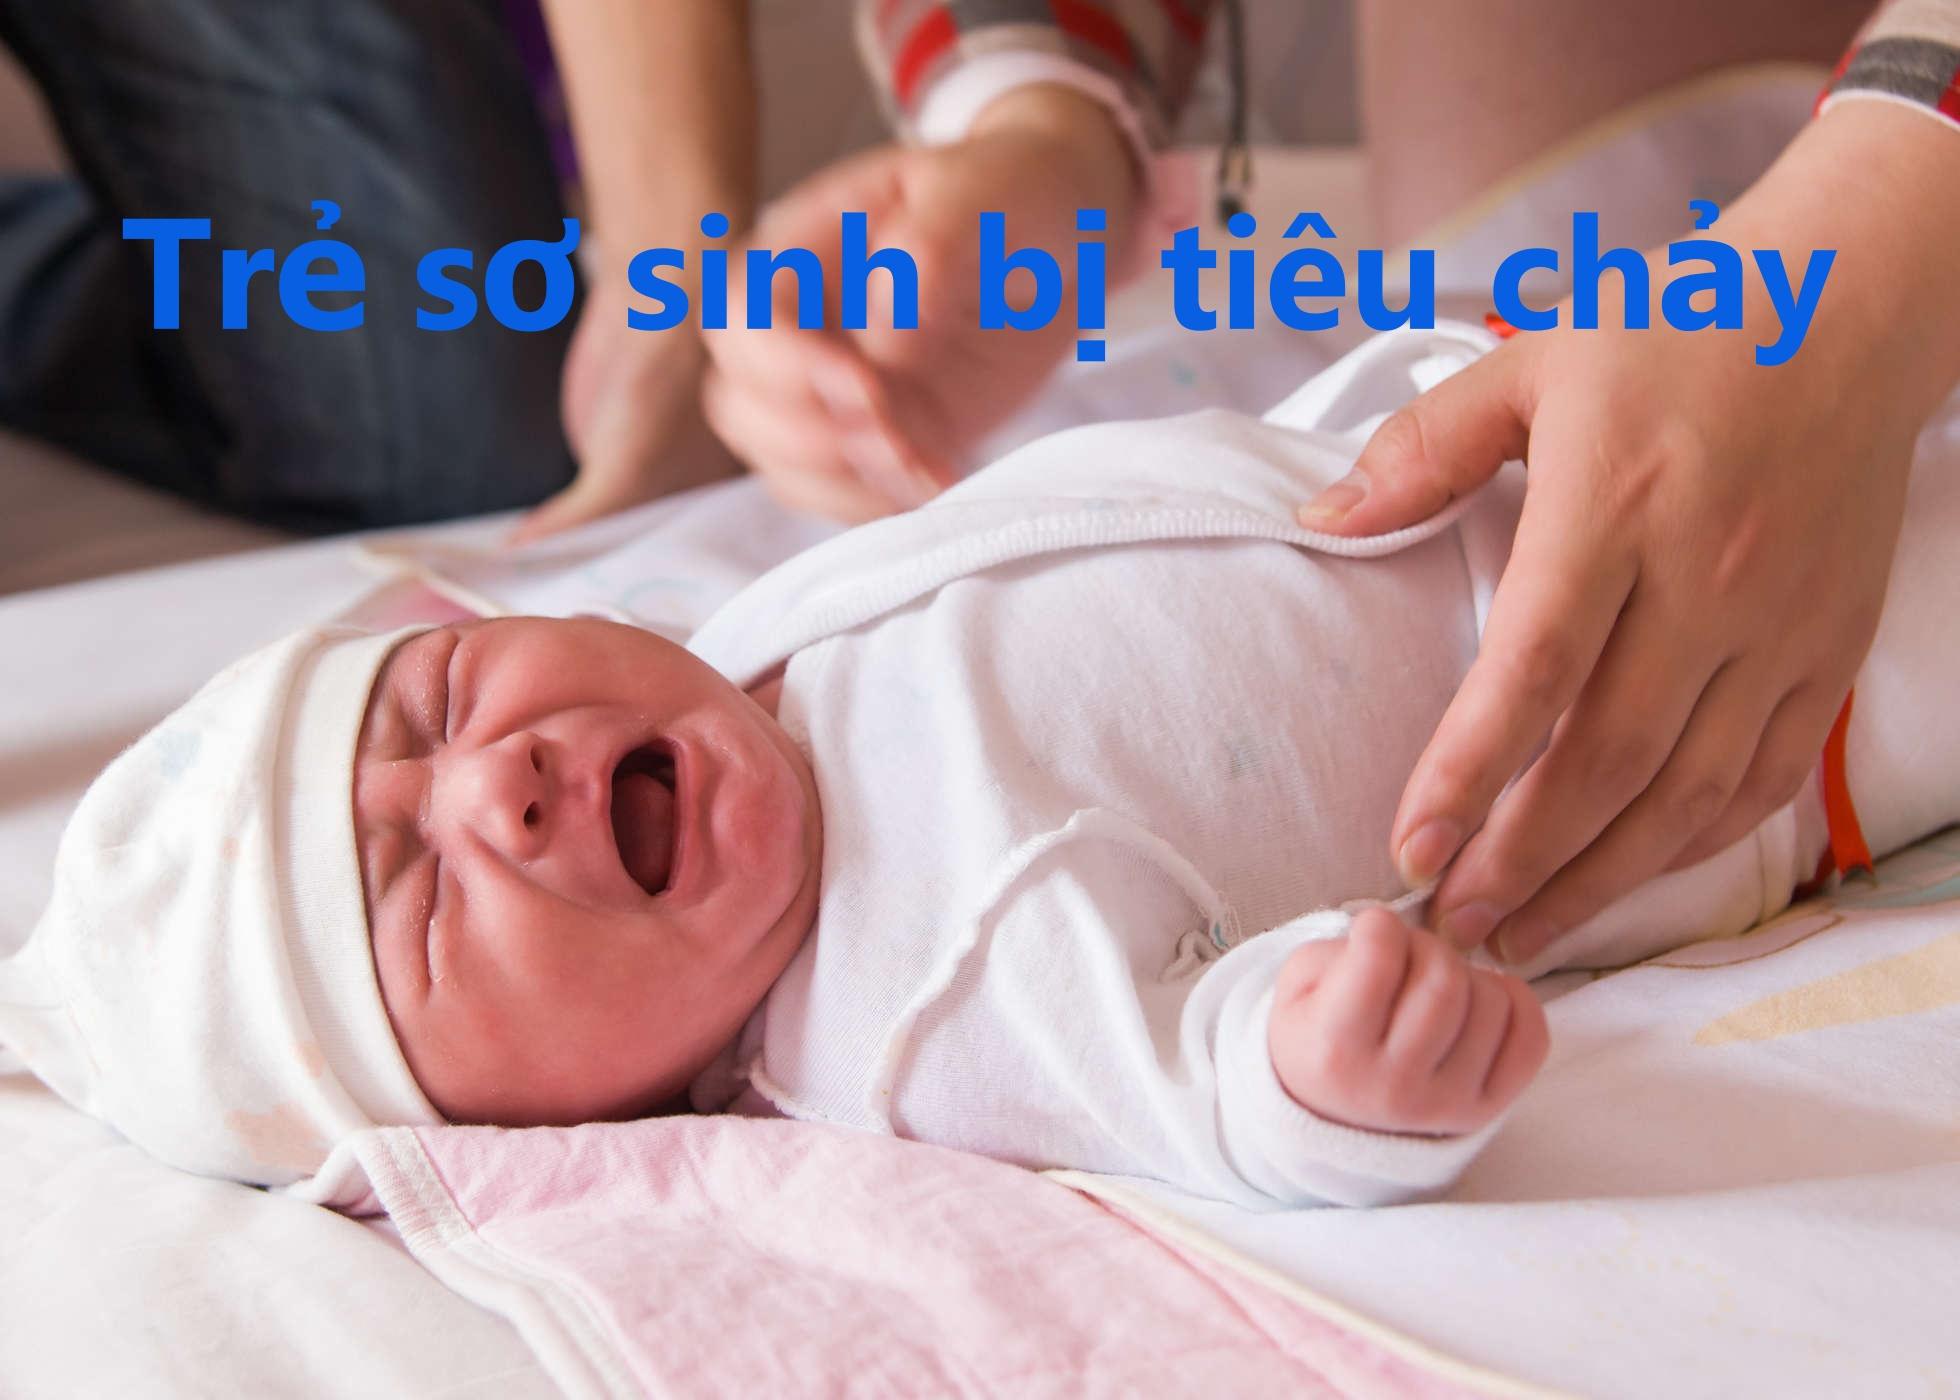 Trẻ sơ sinh bị tiêu chay